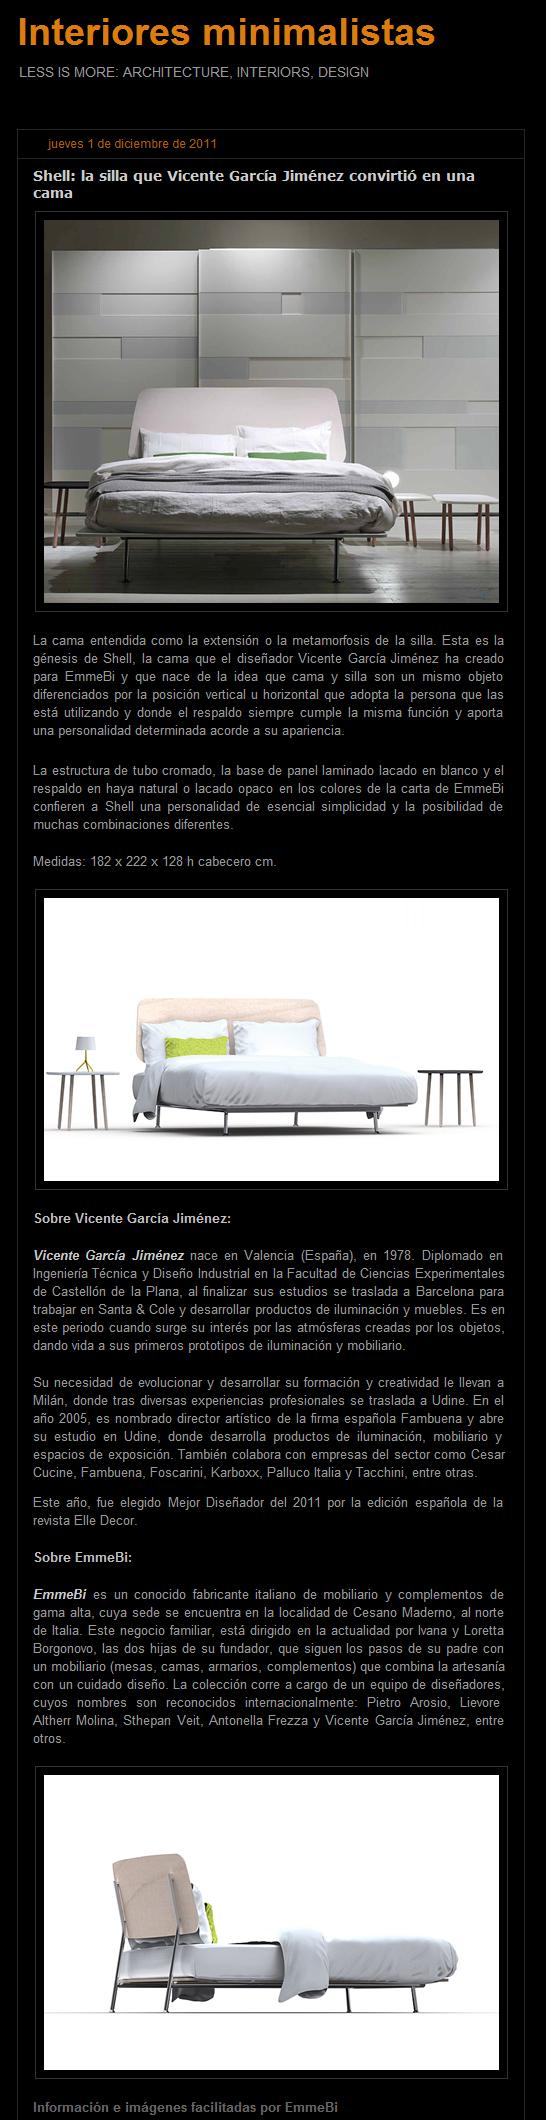 interior-es.blogspot.com 1 Dicembre 11 Spagna.jpg